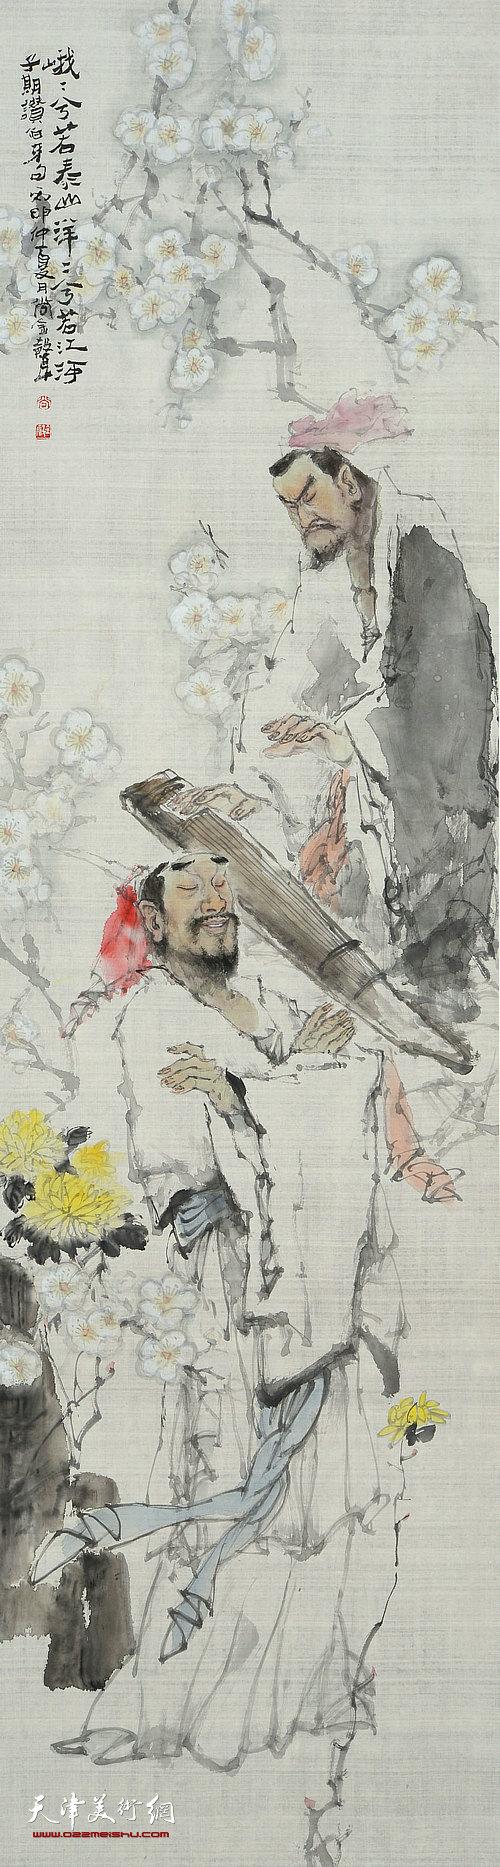 著名画家尚金声首次个展